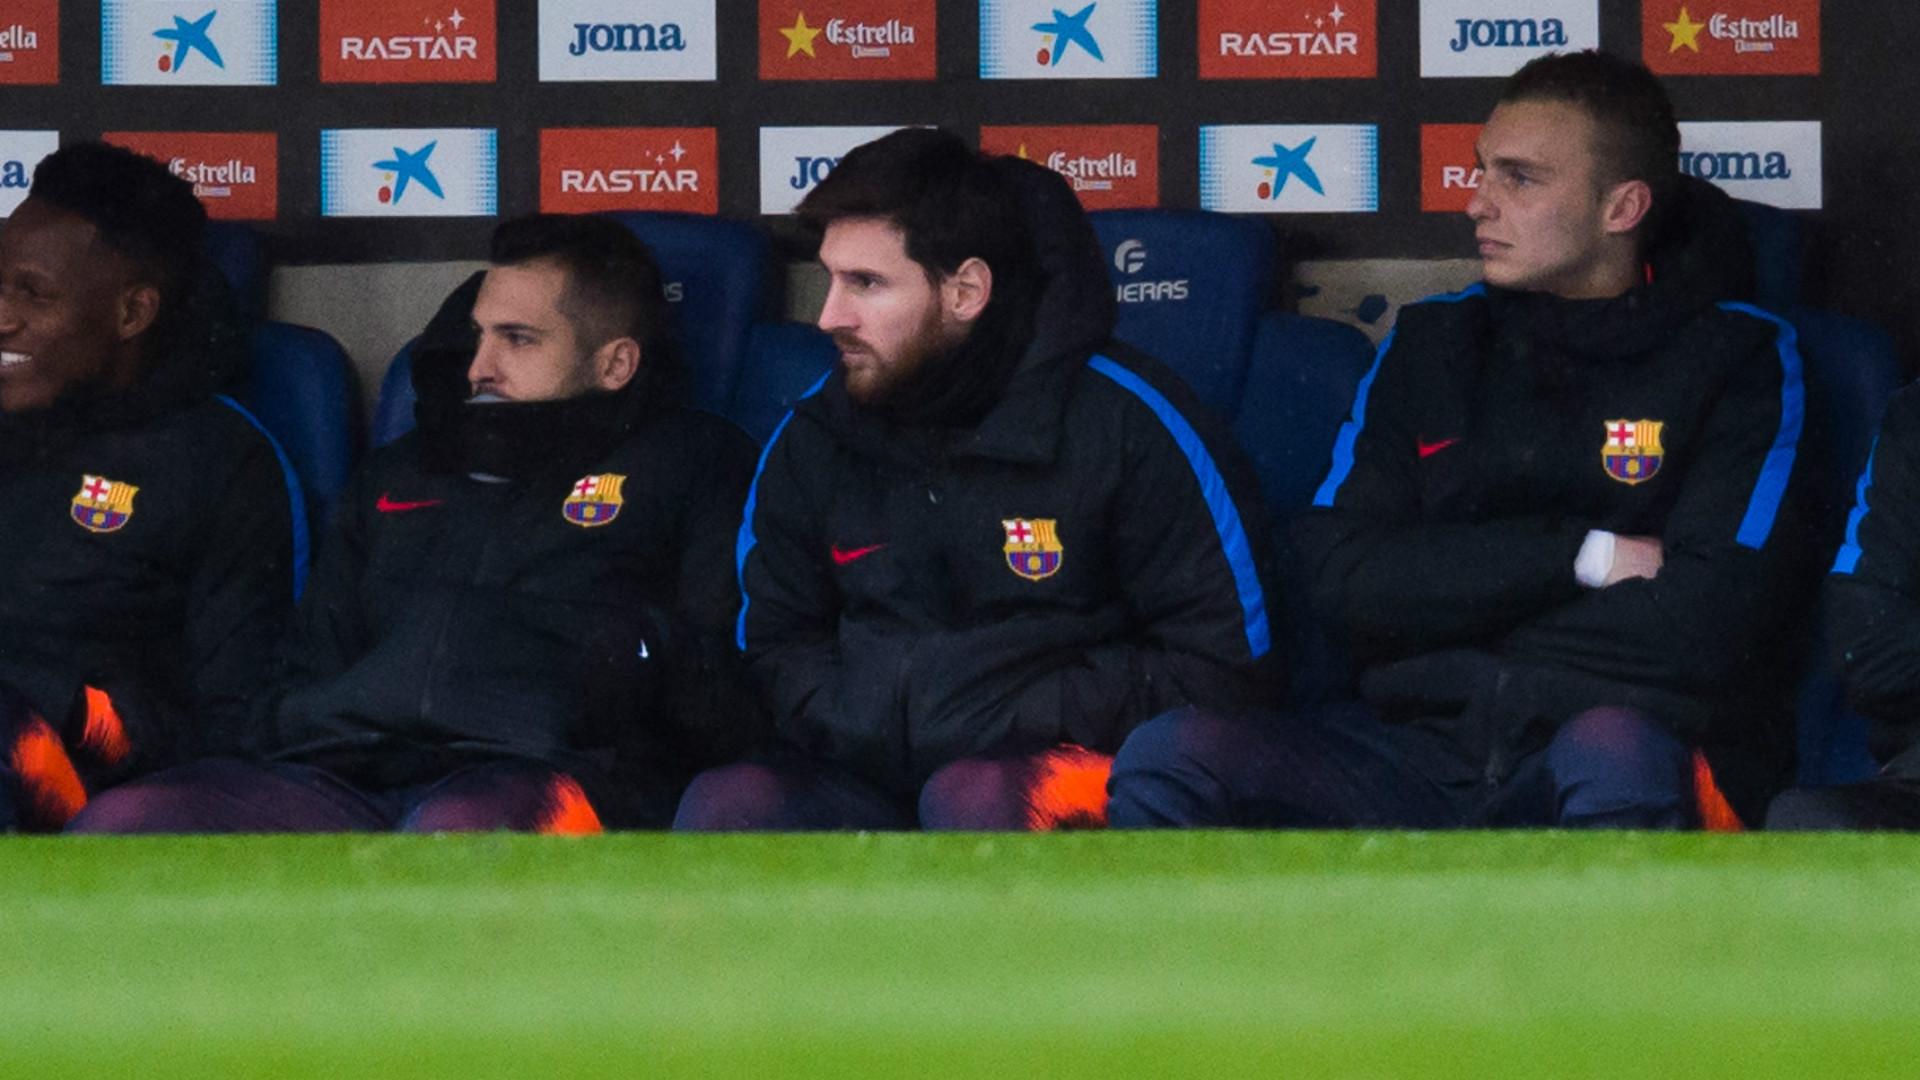 Atletico close gap on Barca after Espanyol draw